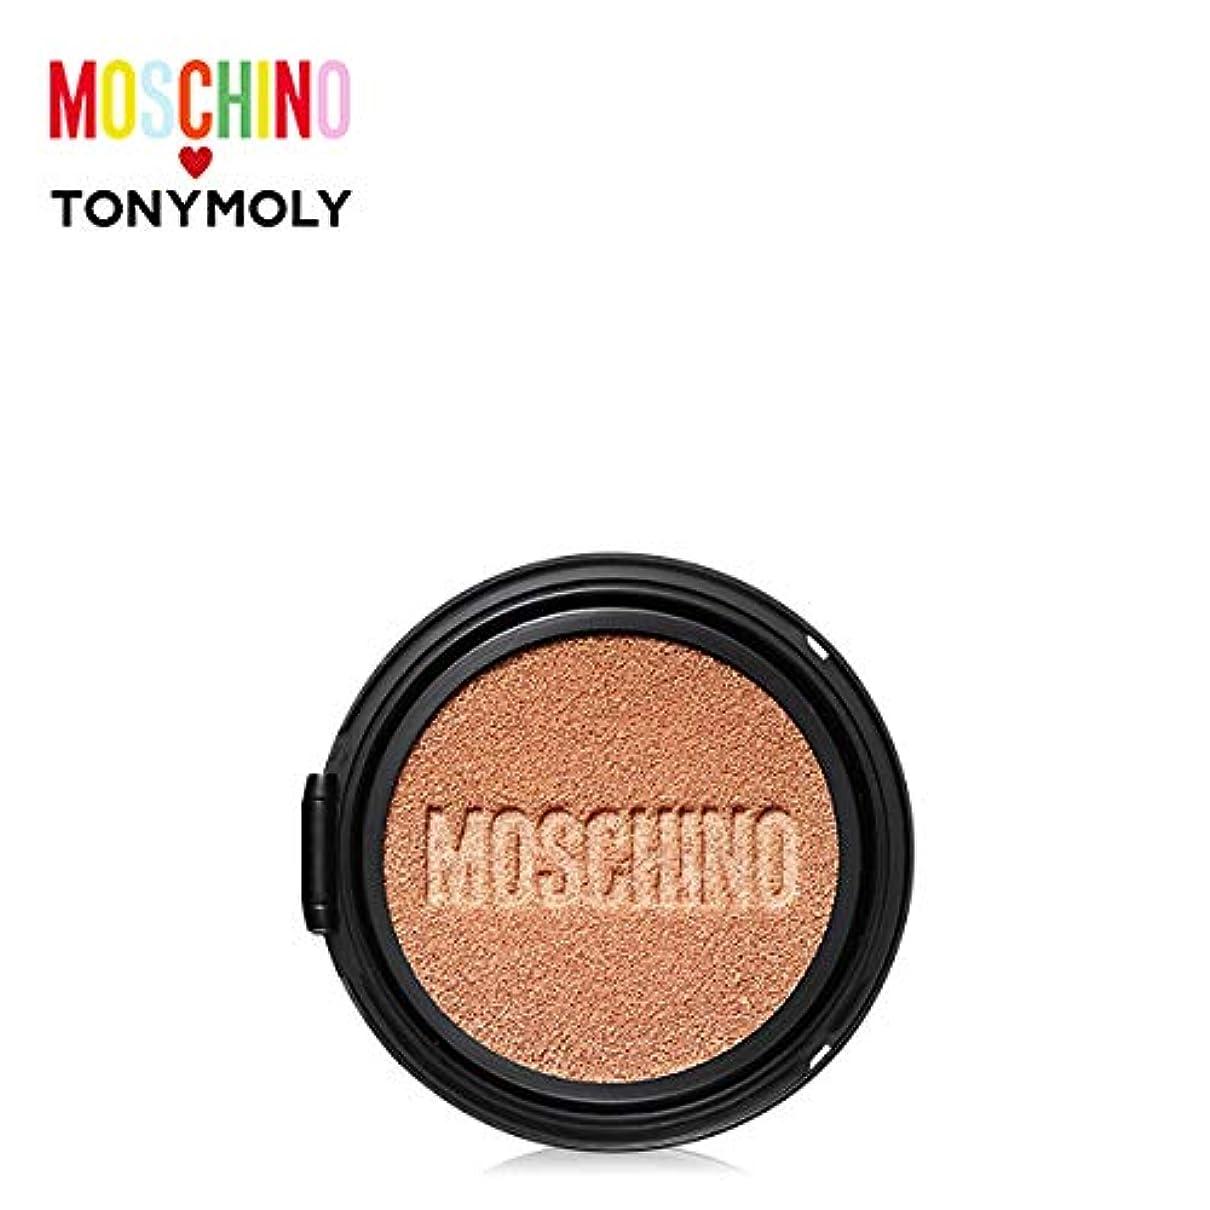 打たれたトラック啓発する壮大TONYMOLY [MOSCHINO Edition] Gold Edition Chic Skin Cushion -Refill #01 CHIC VANILLA トニーモリー [モスキーノ] ゴールドエディション...